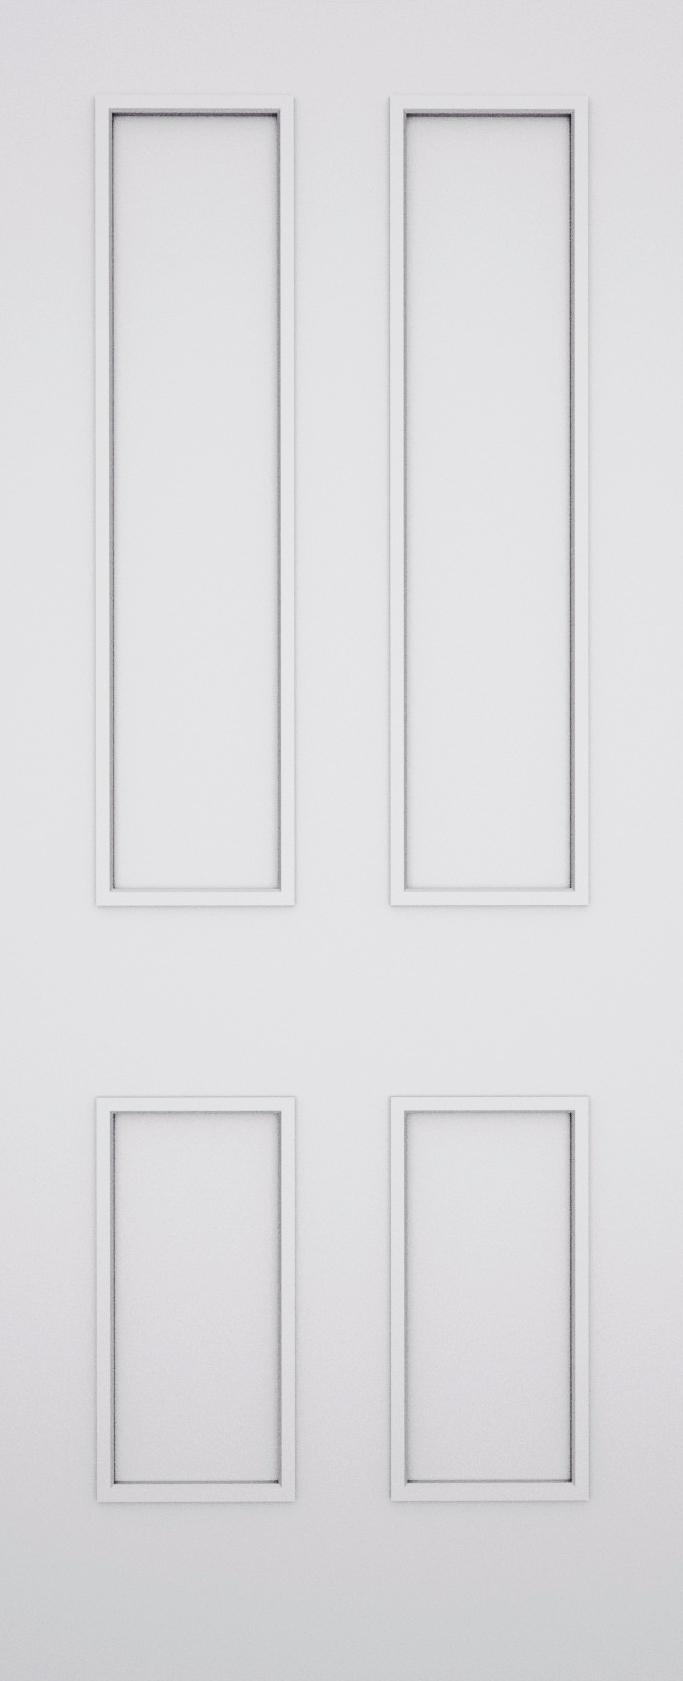 Classic Bexley 4 Panel Fire Door